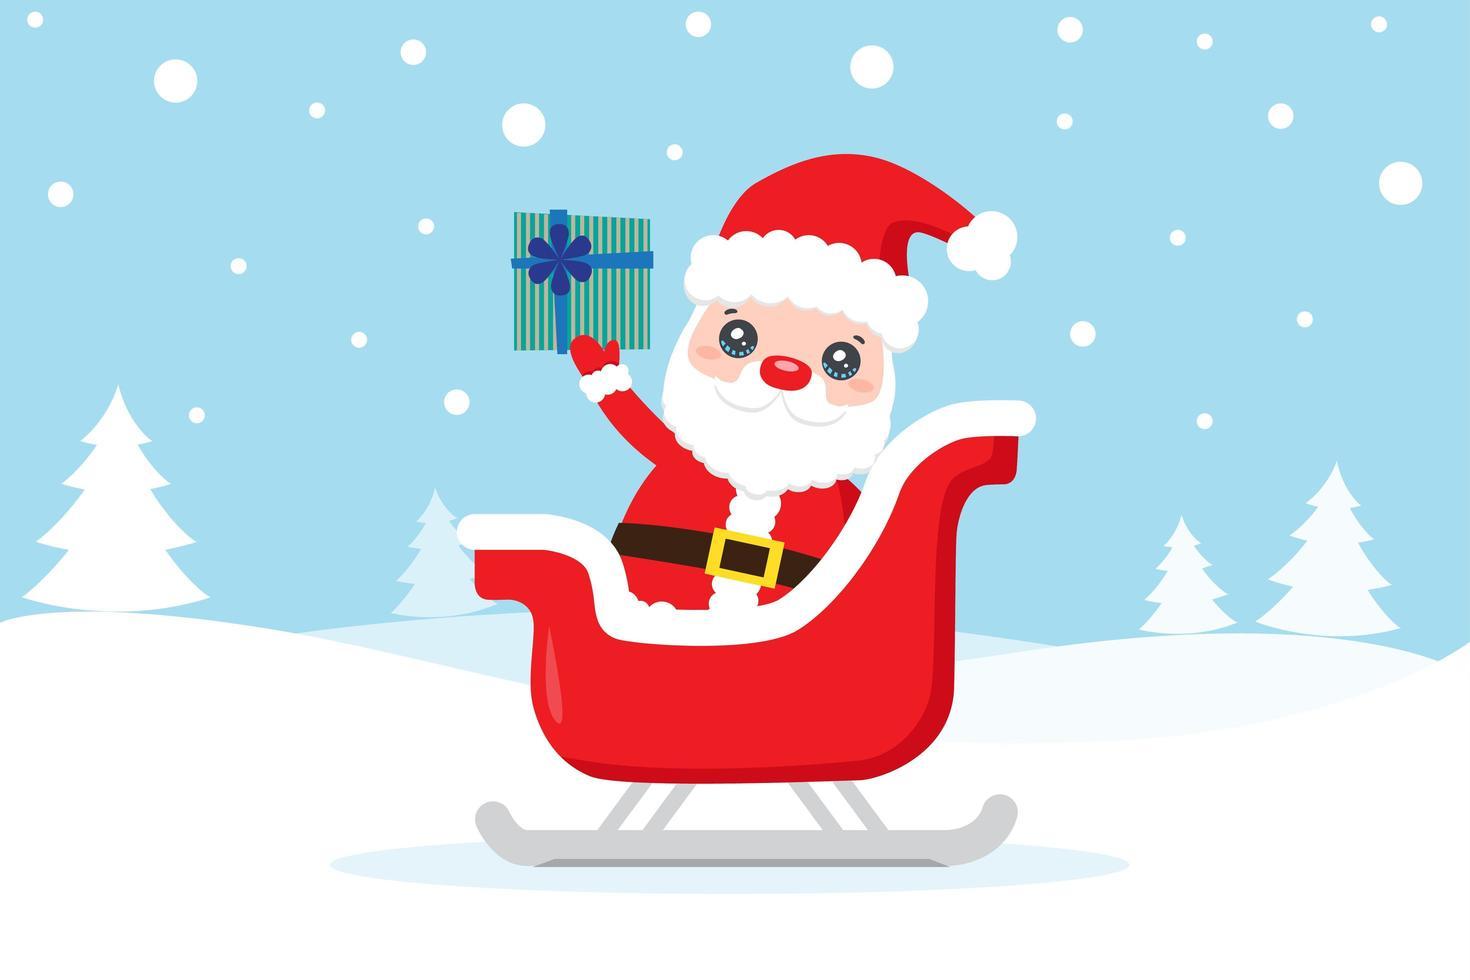 Weihnachtskarte mit Weihnachtsmann im Schlitten im Winter vektor